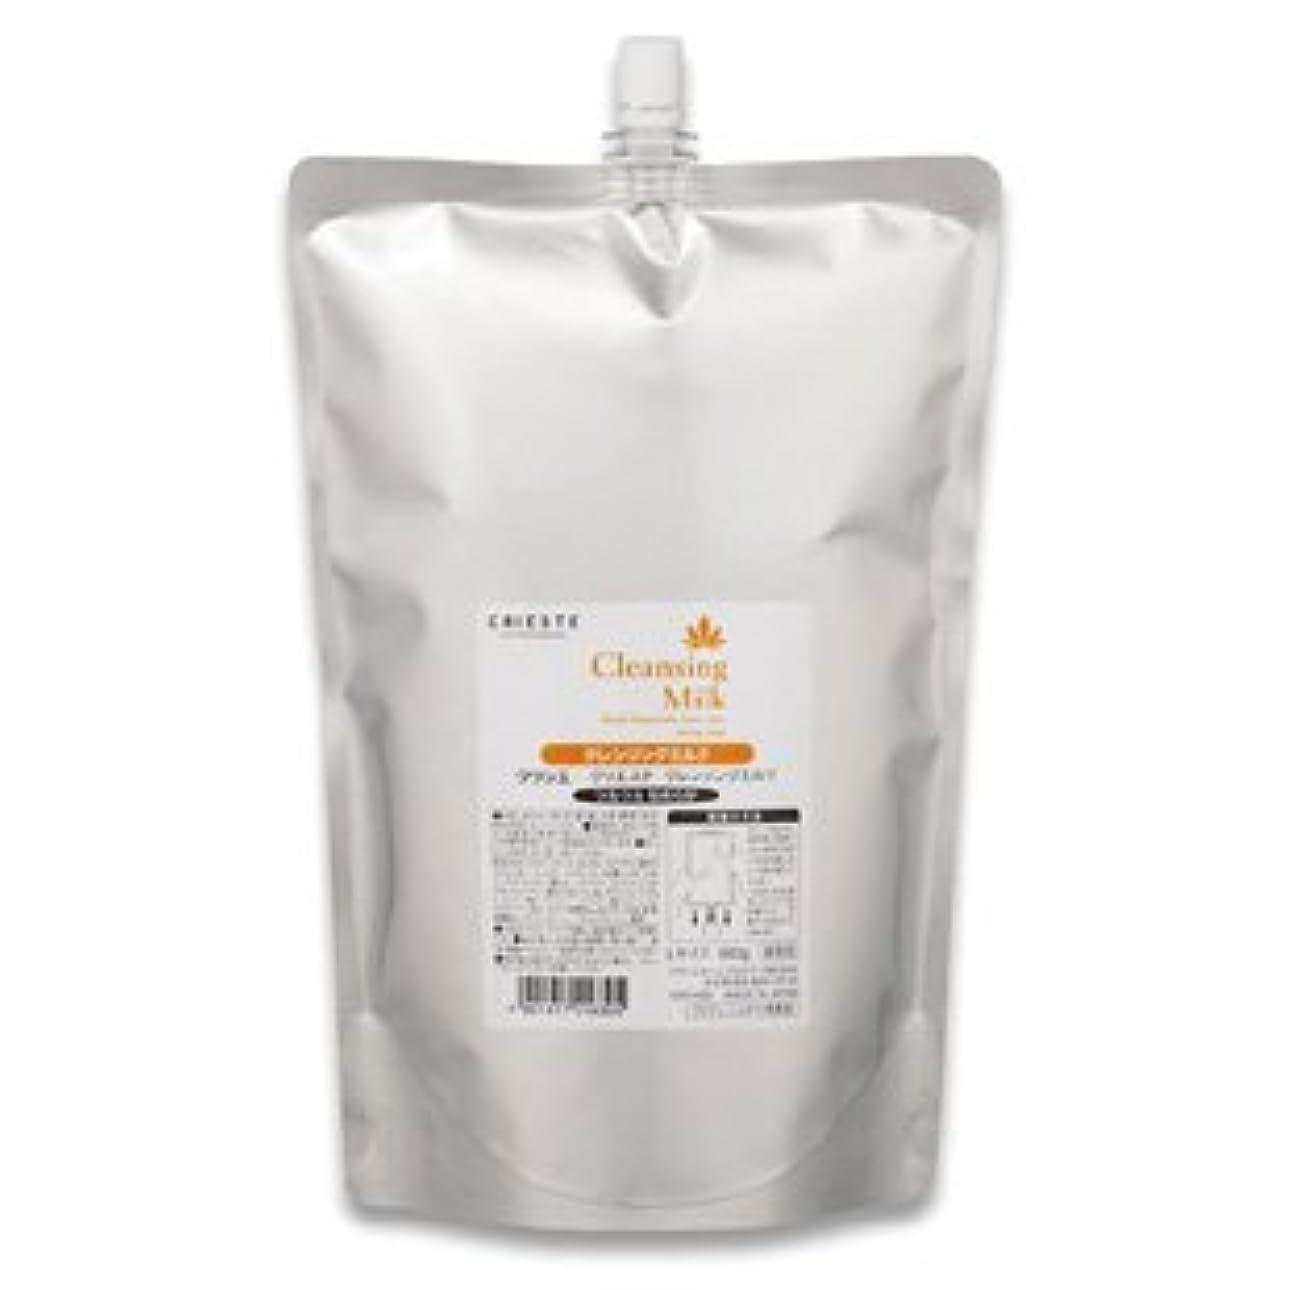 運ぶ白いオピエートクラシエ クリエステ クレンジングミルク 900g×2 【詰替サイズ】